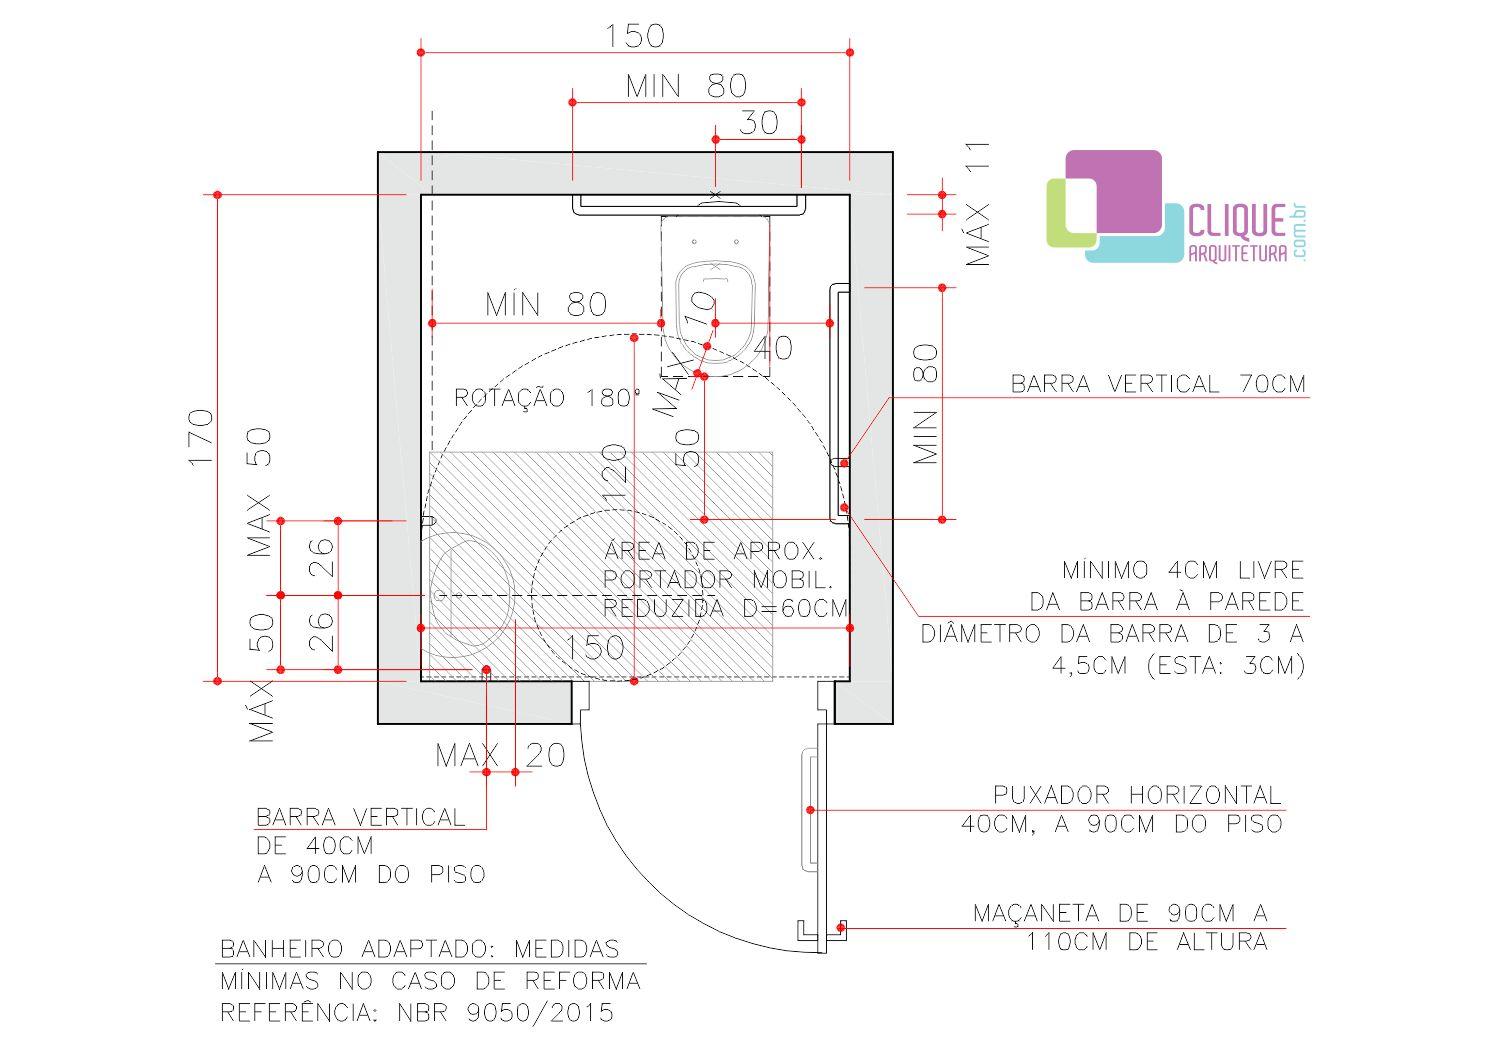 #B71415 Banheiro acessível com medidas mínimas no caso de uma reforma  1499x1051 px Banheiro Para Deficiente Cad 2587